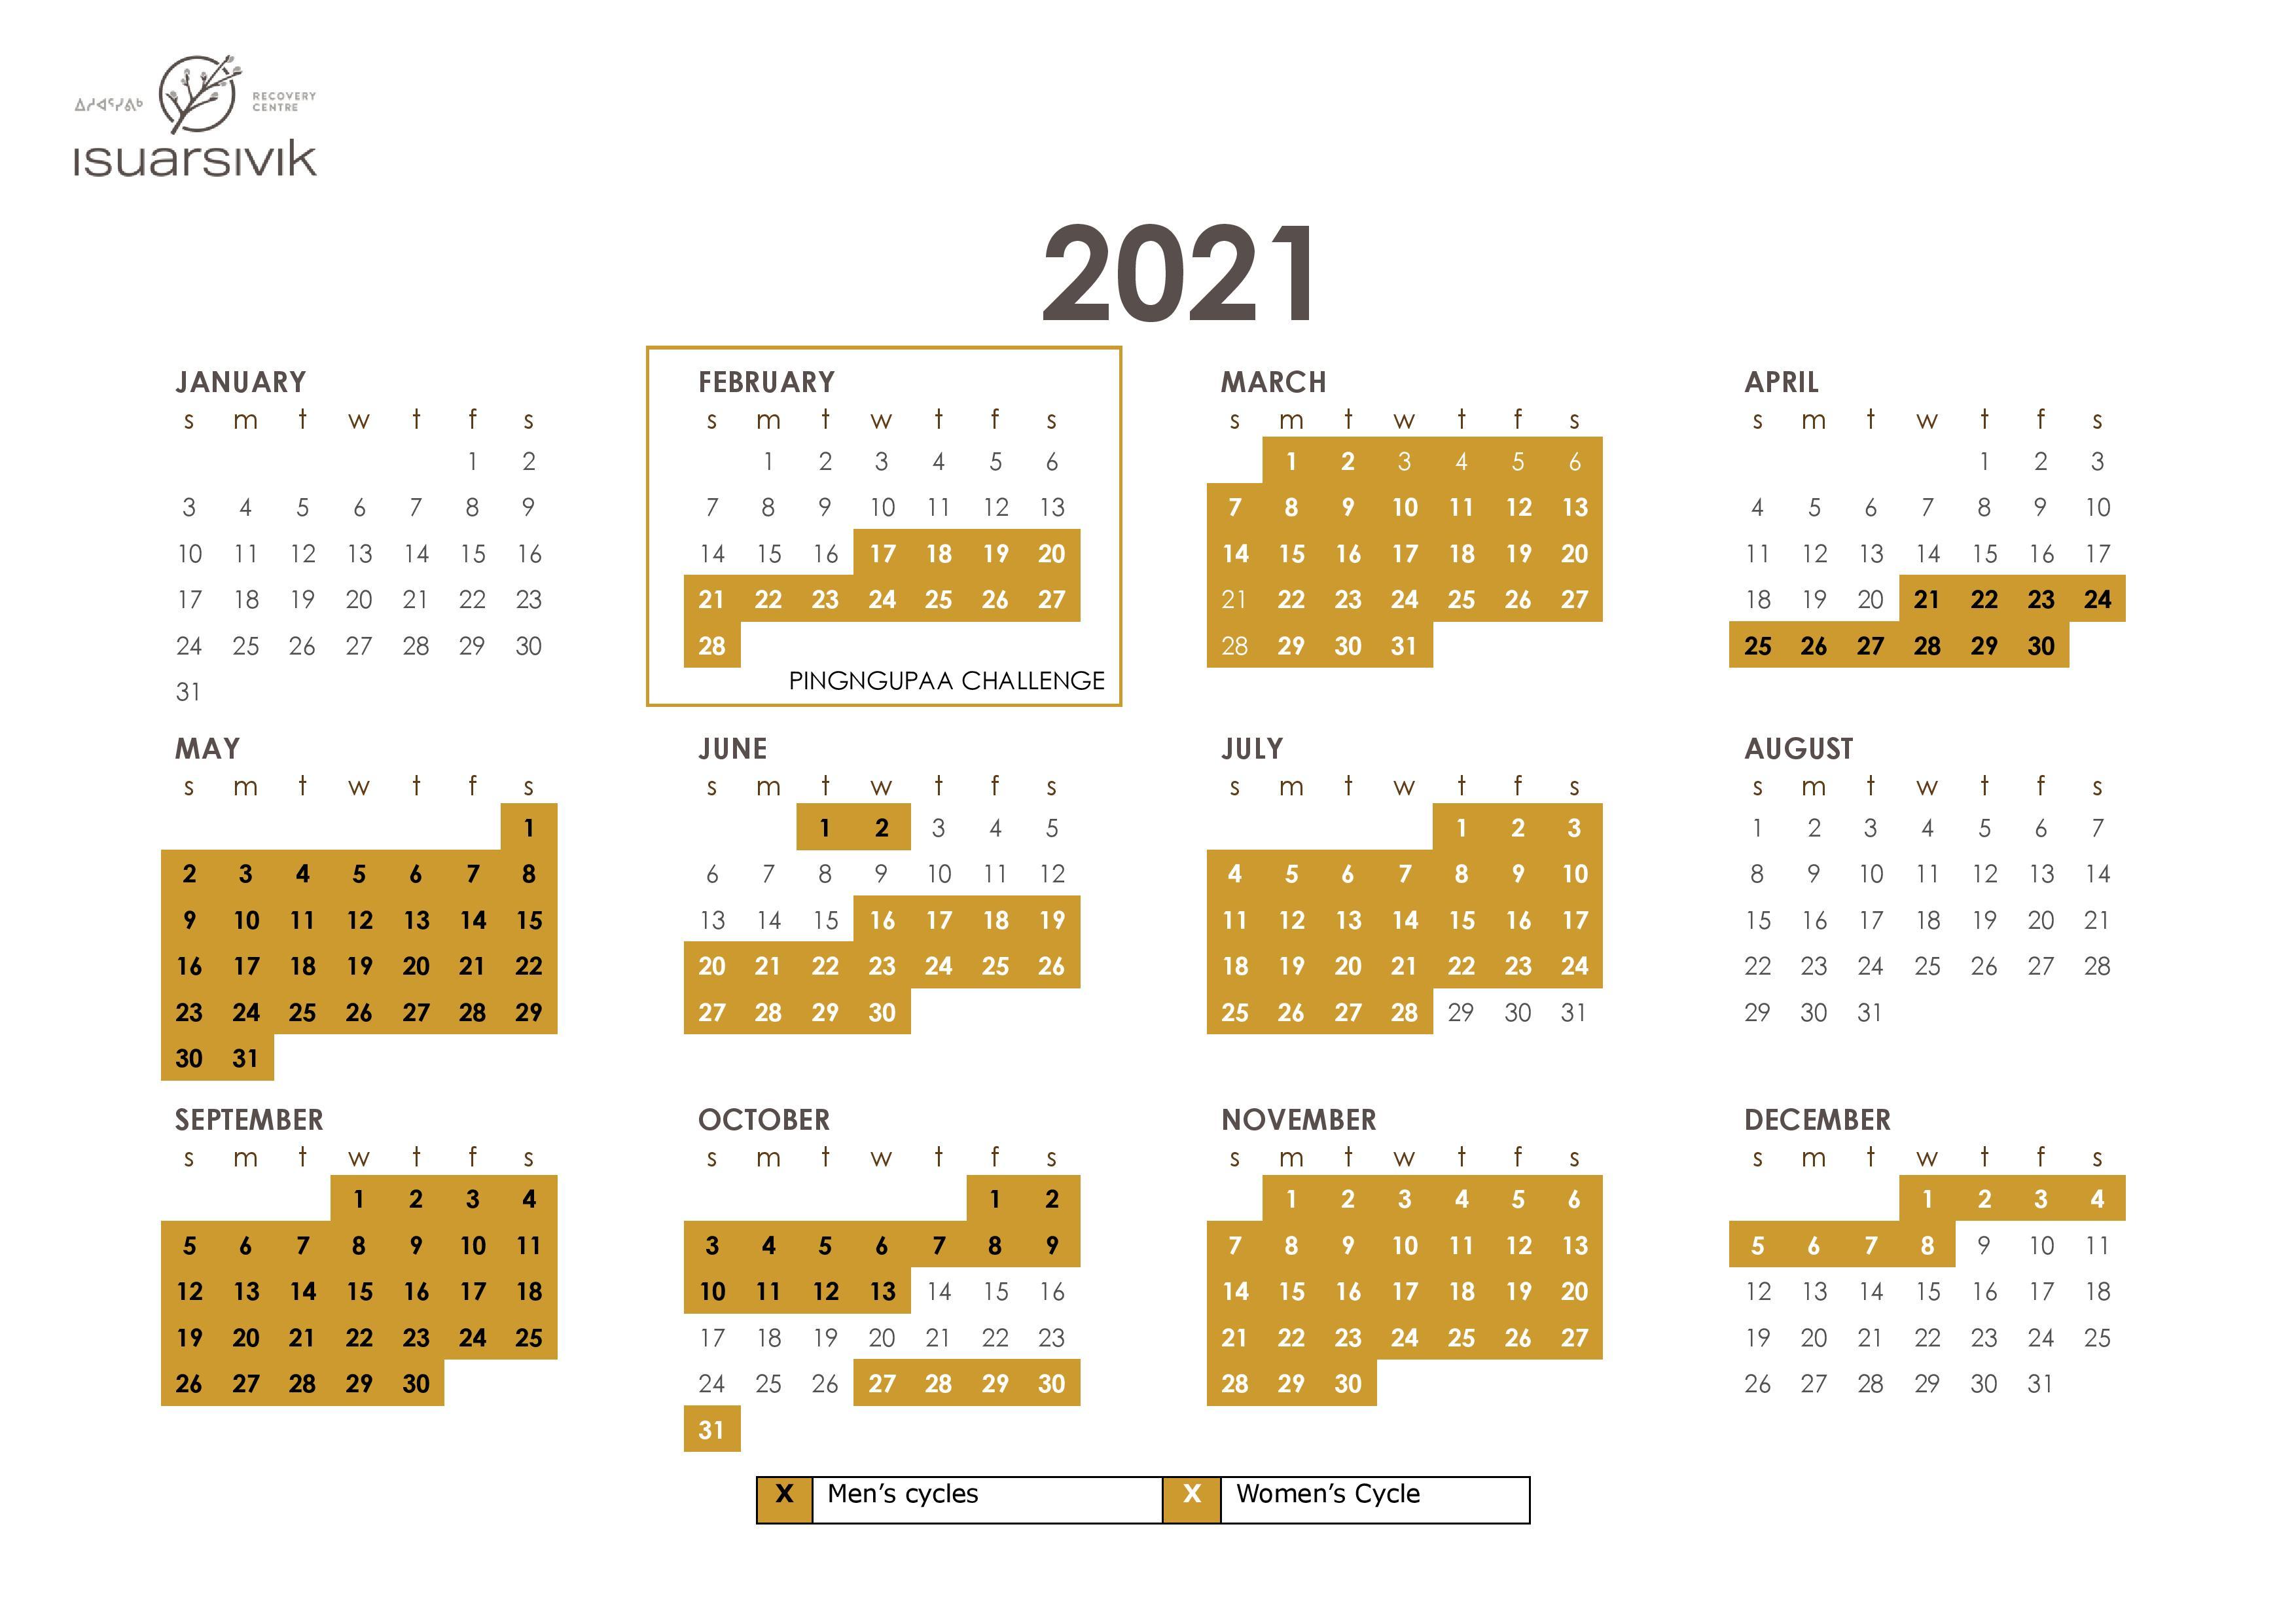 Annual Cycles Calendar 2021